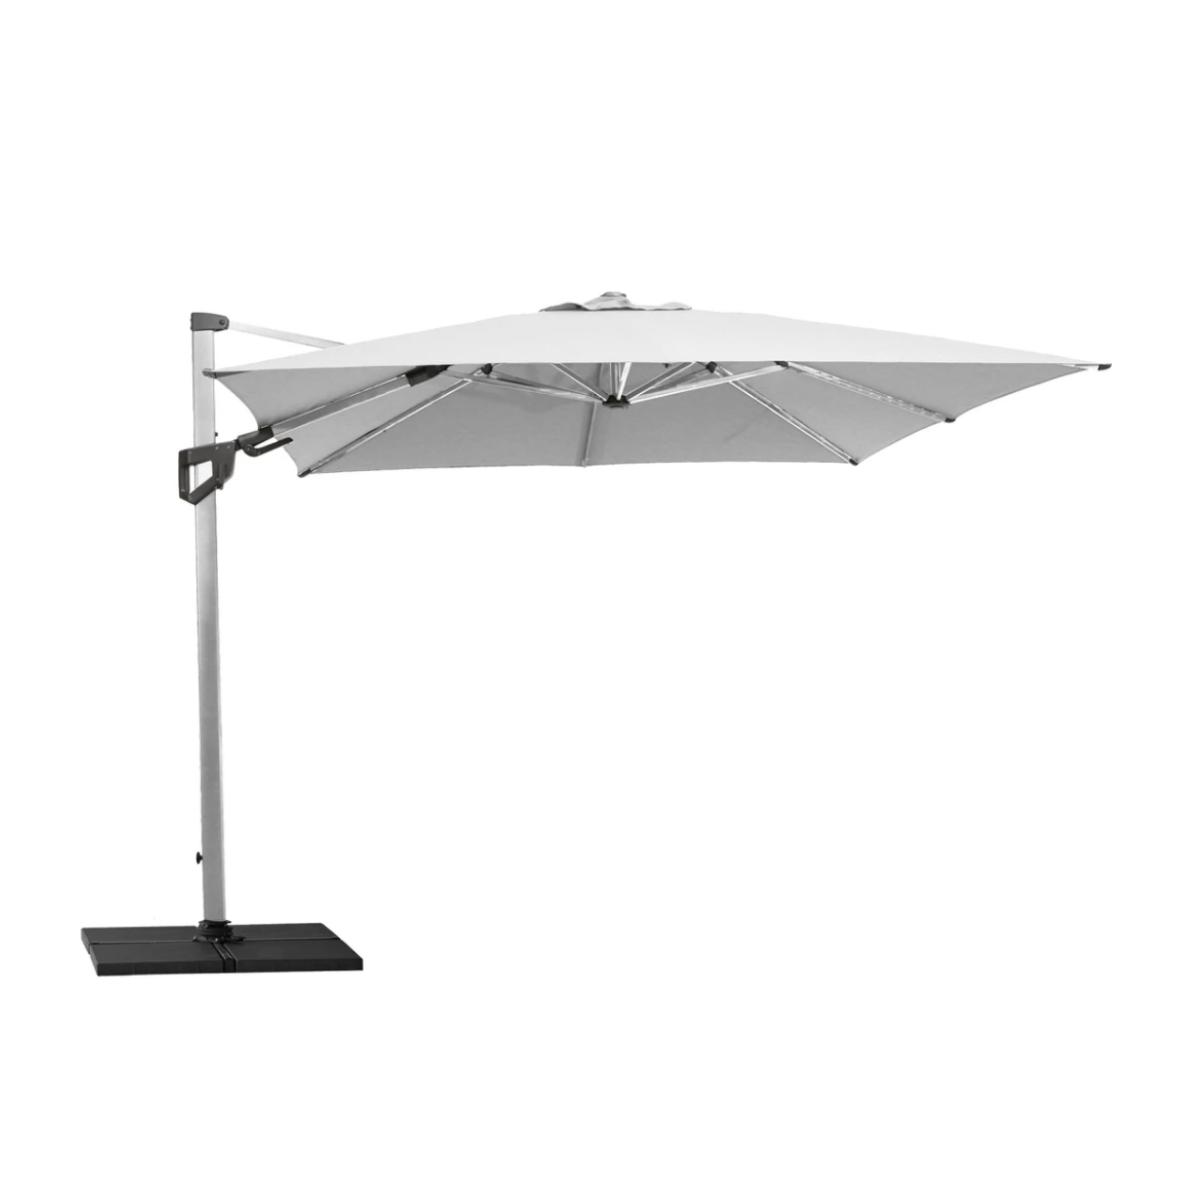 Cane-line | Hyde Luxe Tilt parasol, 3x3 m - Silver